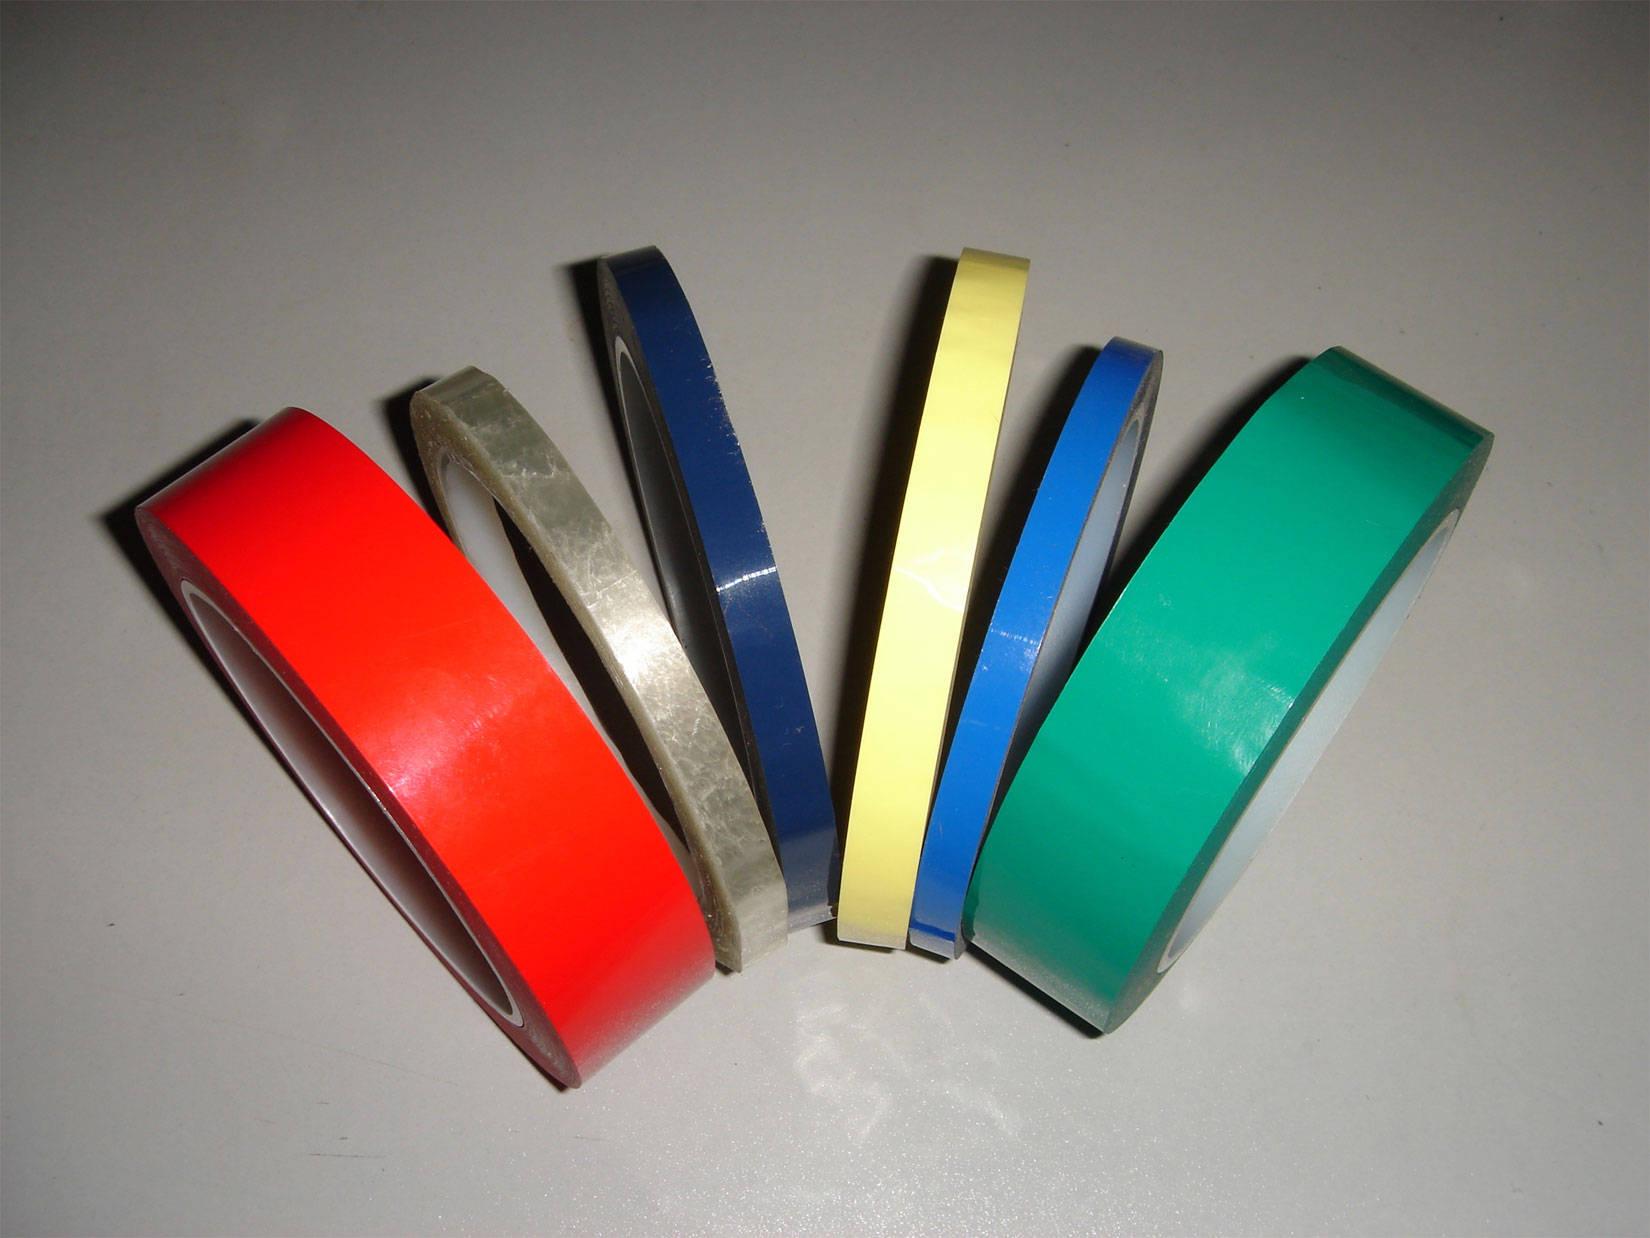 玛拉胶带产品图片,玛拉胶带产品相册 - 泉州新飞鸿带